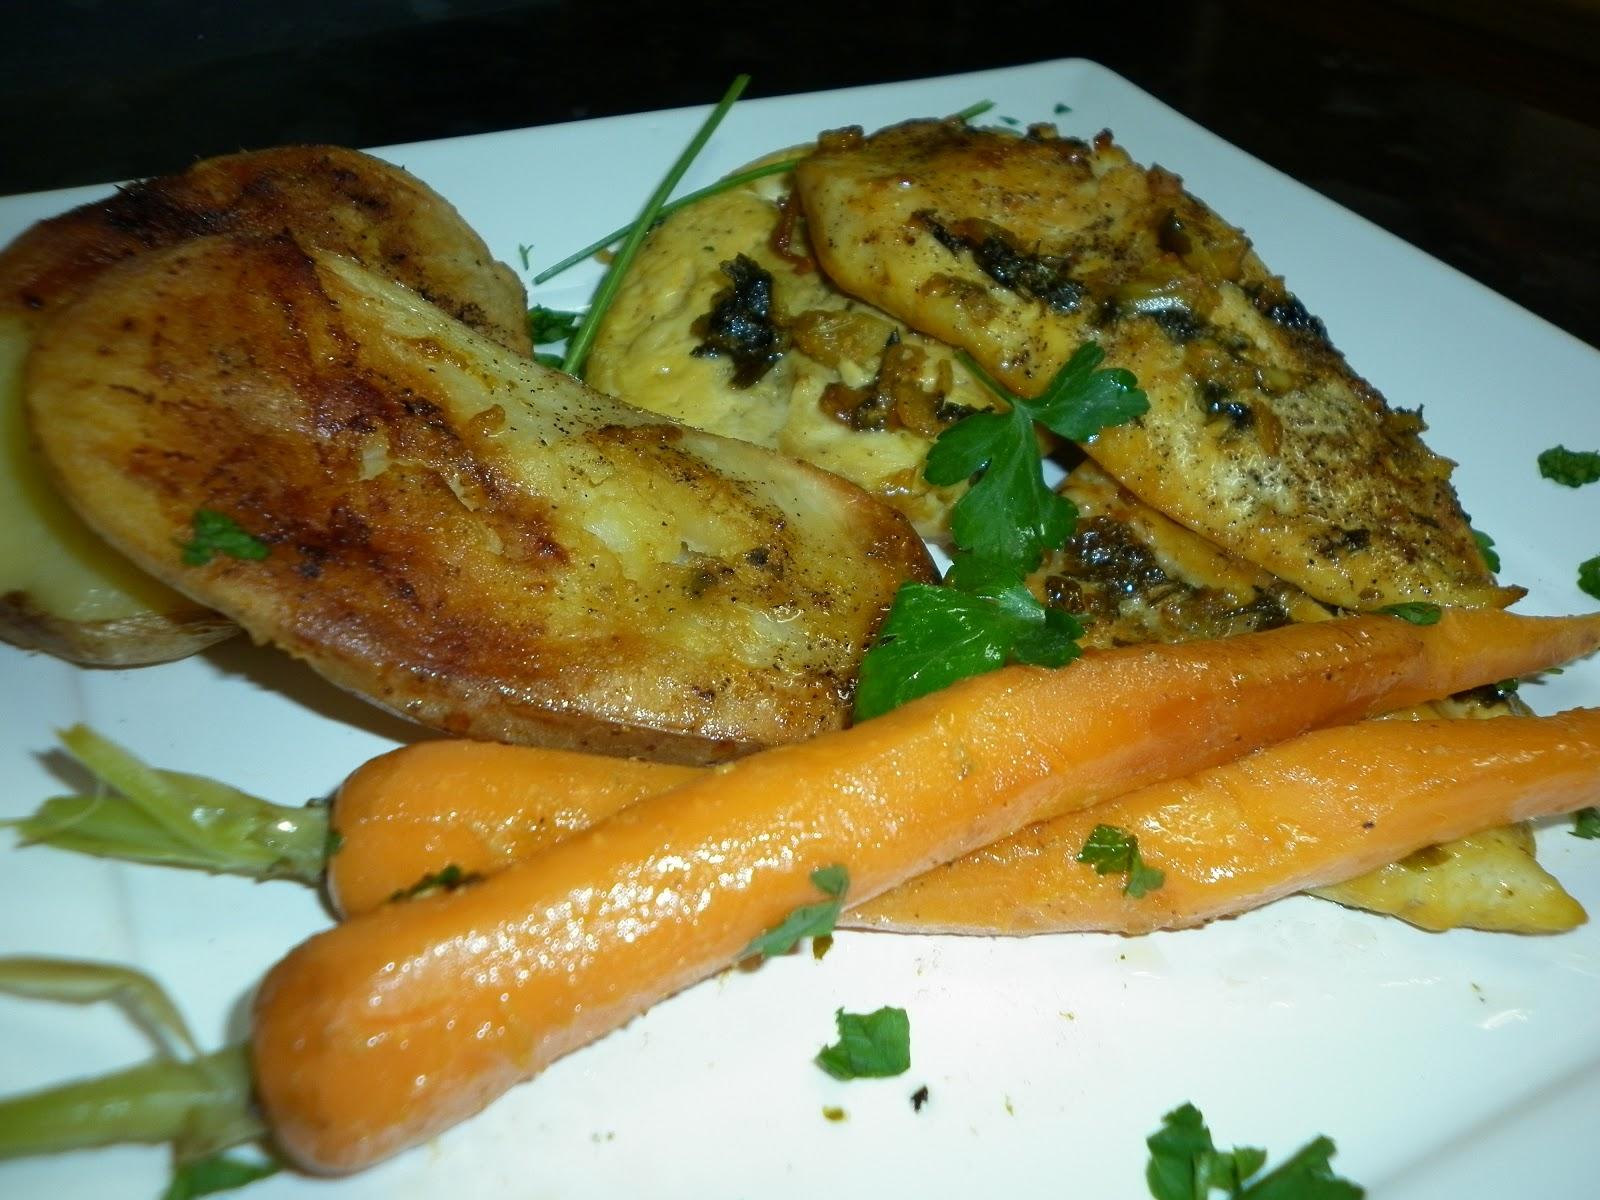 La cocina de puri pastor filetes de pollo al horno con for Pechugas de pollo al horno con patatas